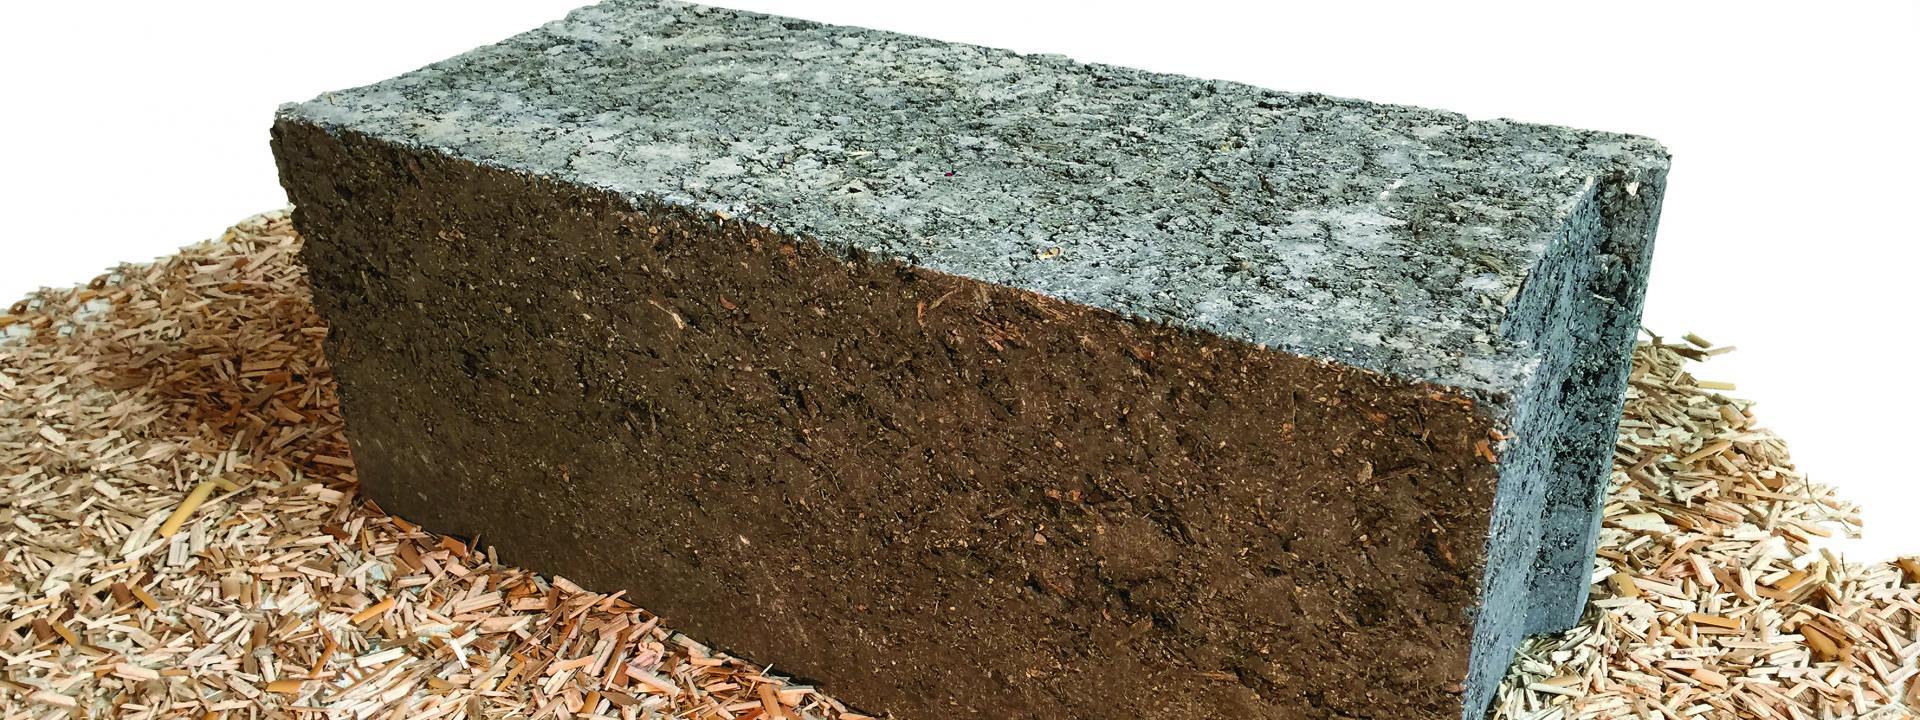 blocs béton et coffrages biosourcés, un progrès écologique ?   build